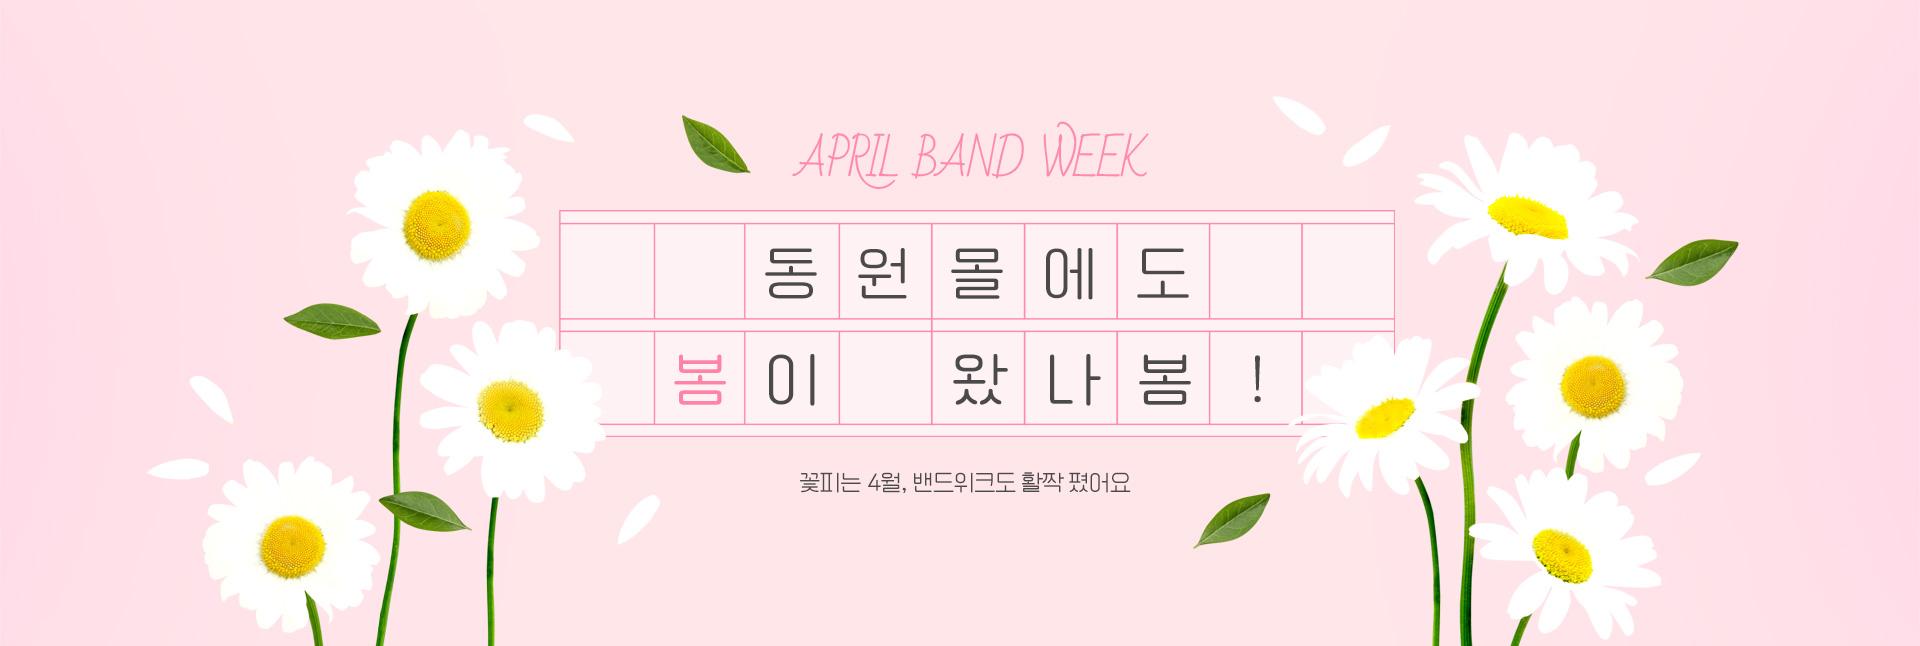 동원몰에도 봄이 왔나봄! 꽃피는 4월, 밴드위크도 활짝 폈어요